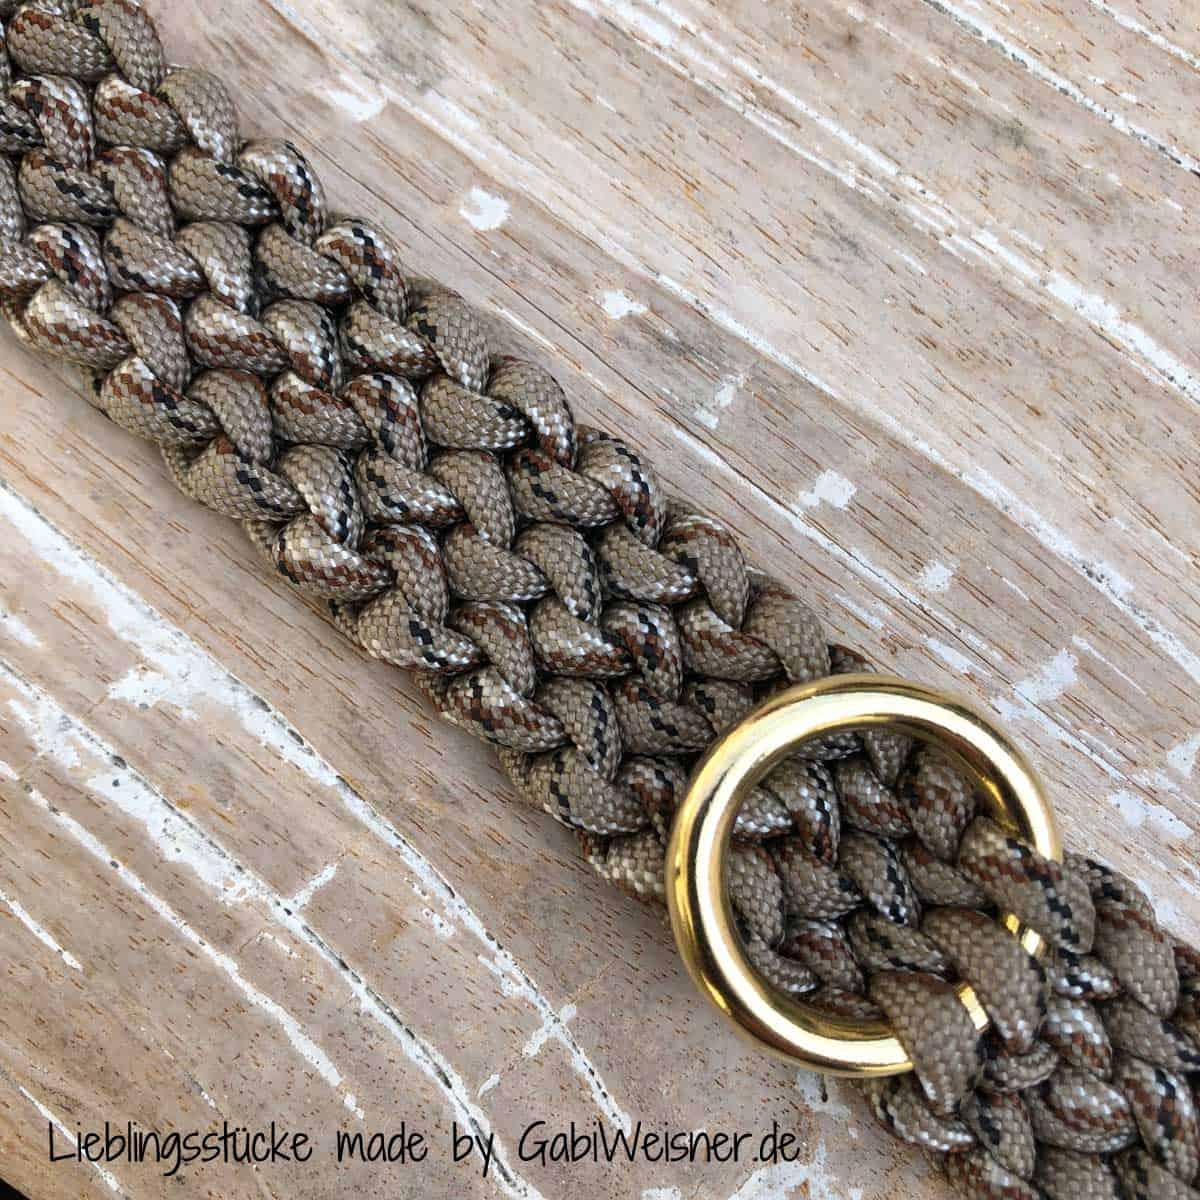 Hundehalsband mit Klickverschluss 2 cm breit geknotet